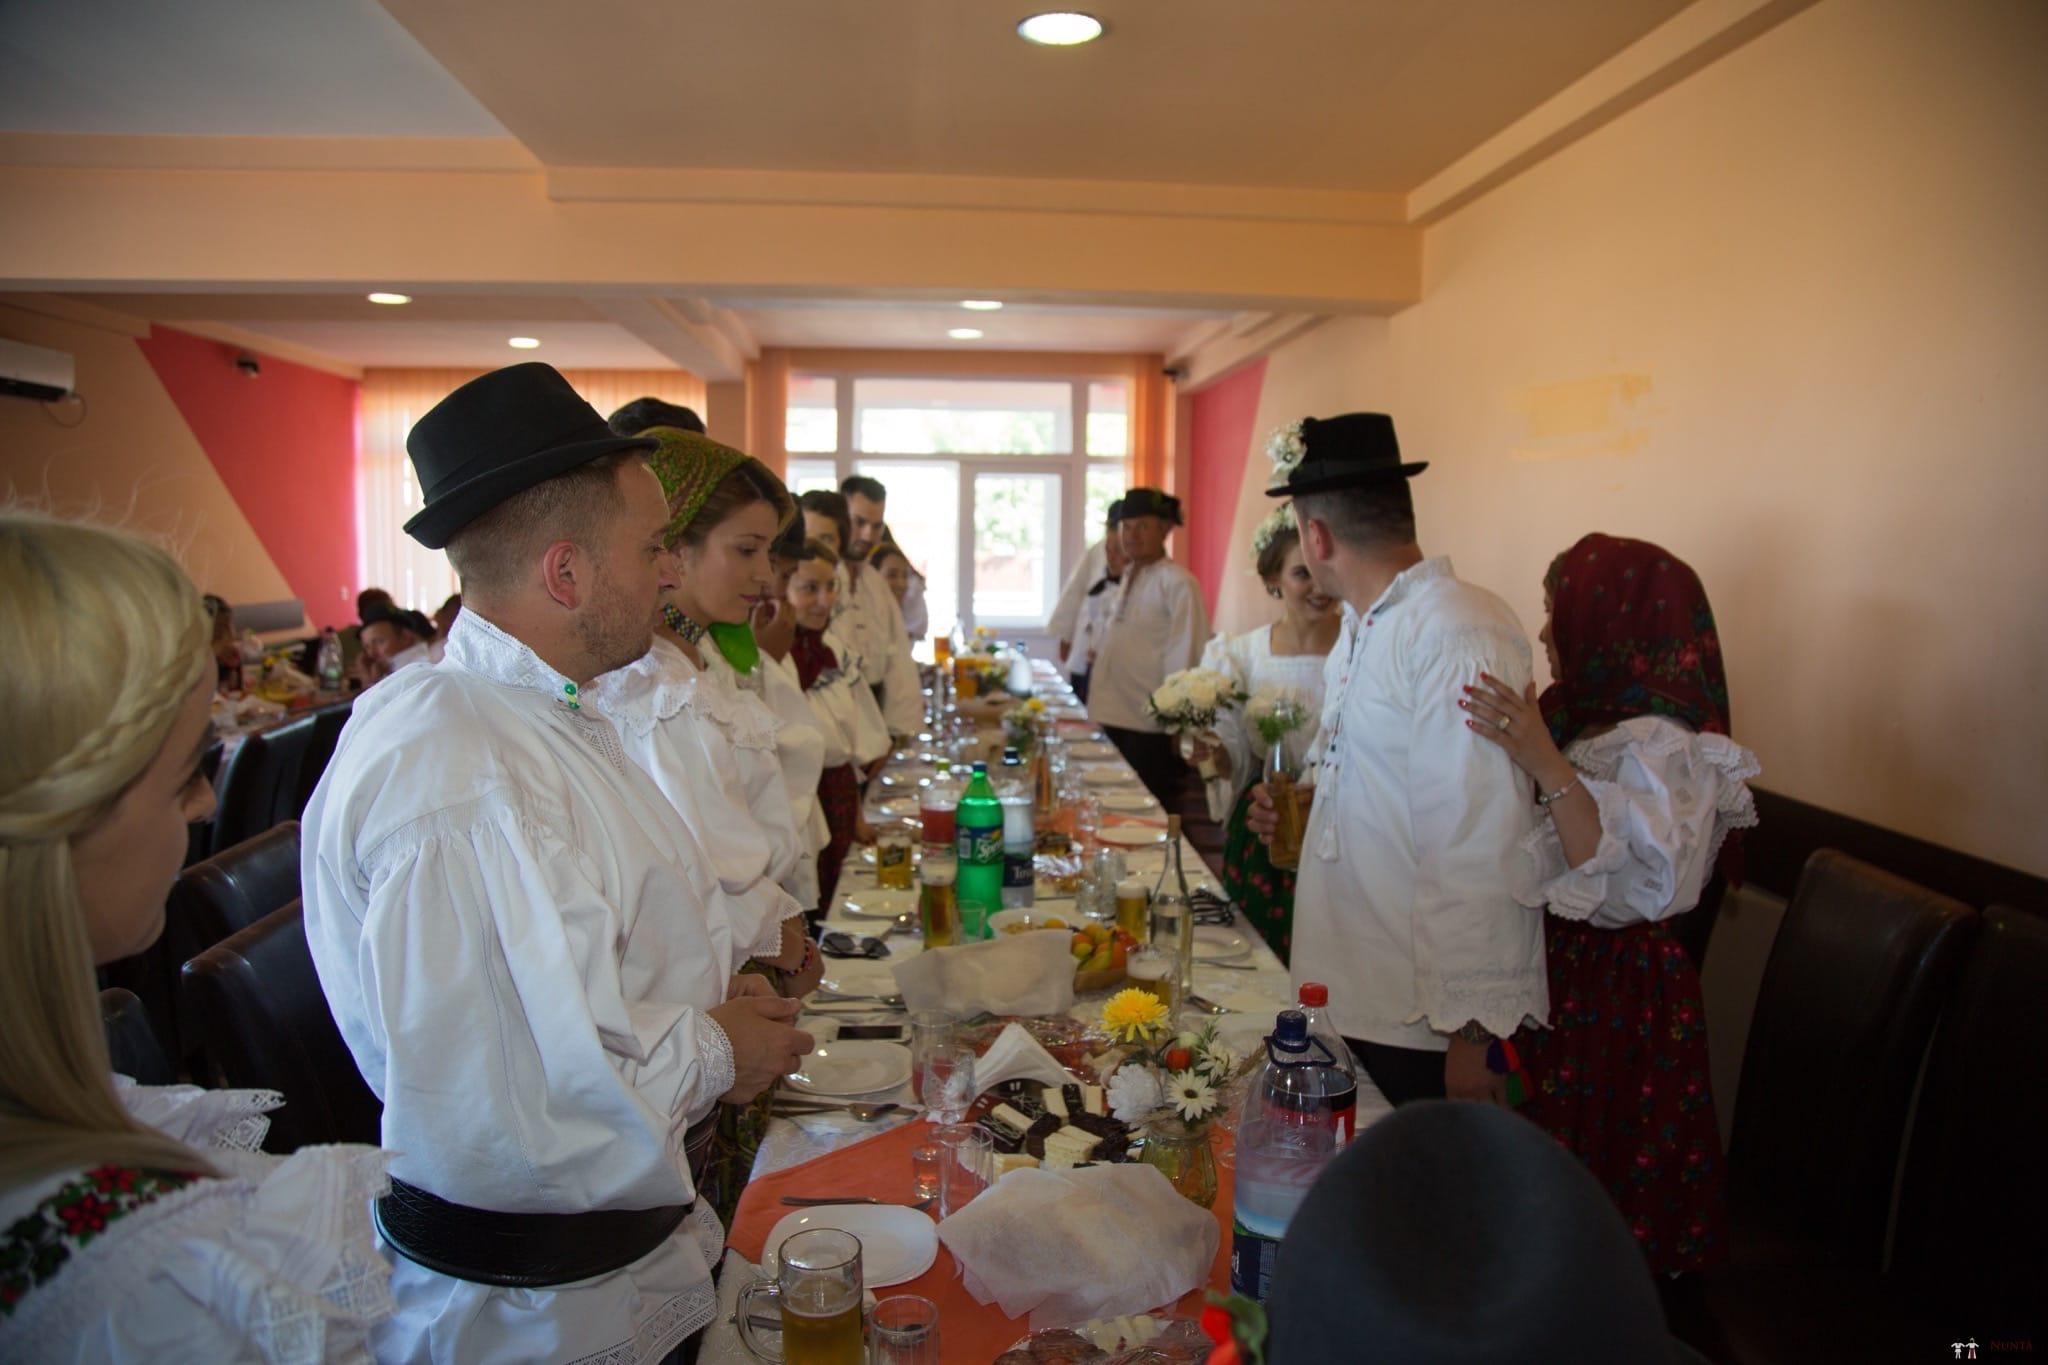 Povești Nunți Tradiționale - Ancuța și Nicu, cununie tradițională în Giulești, Maramureș 39